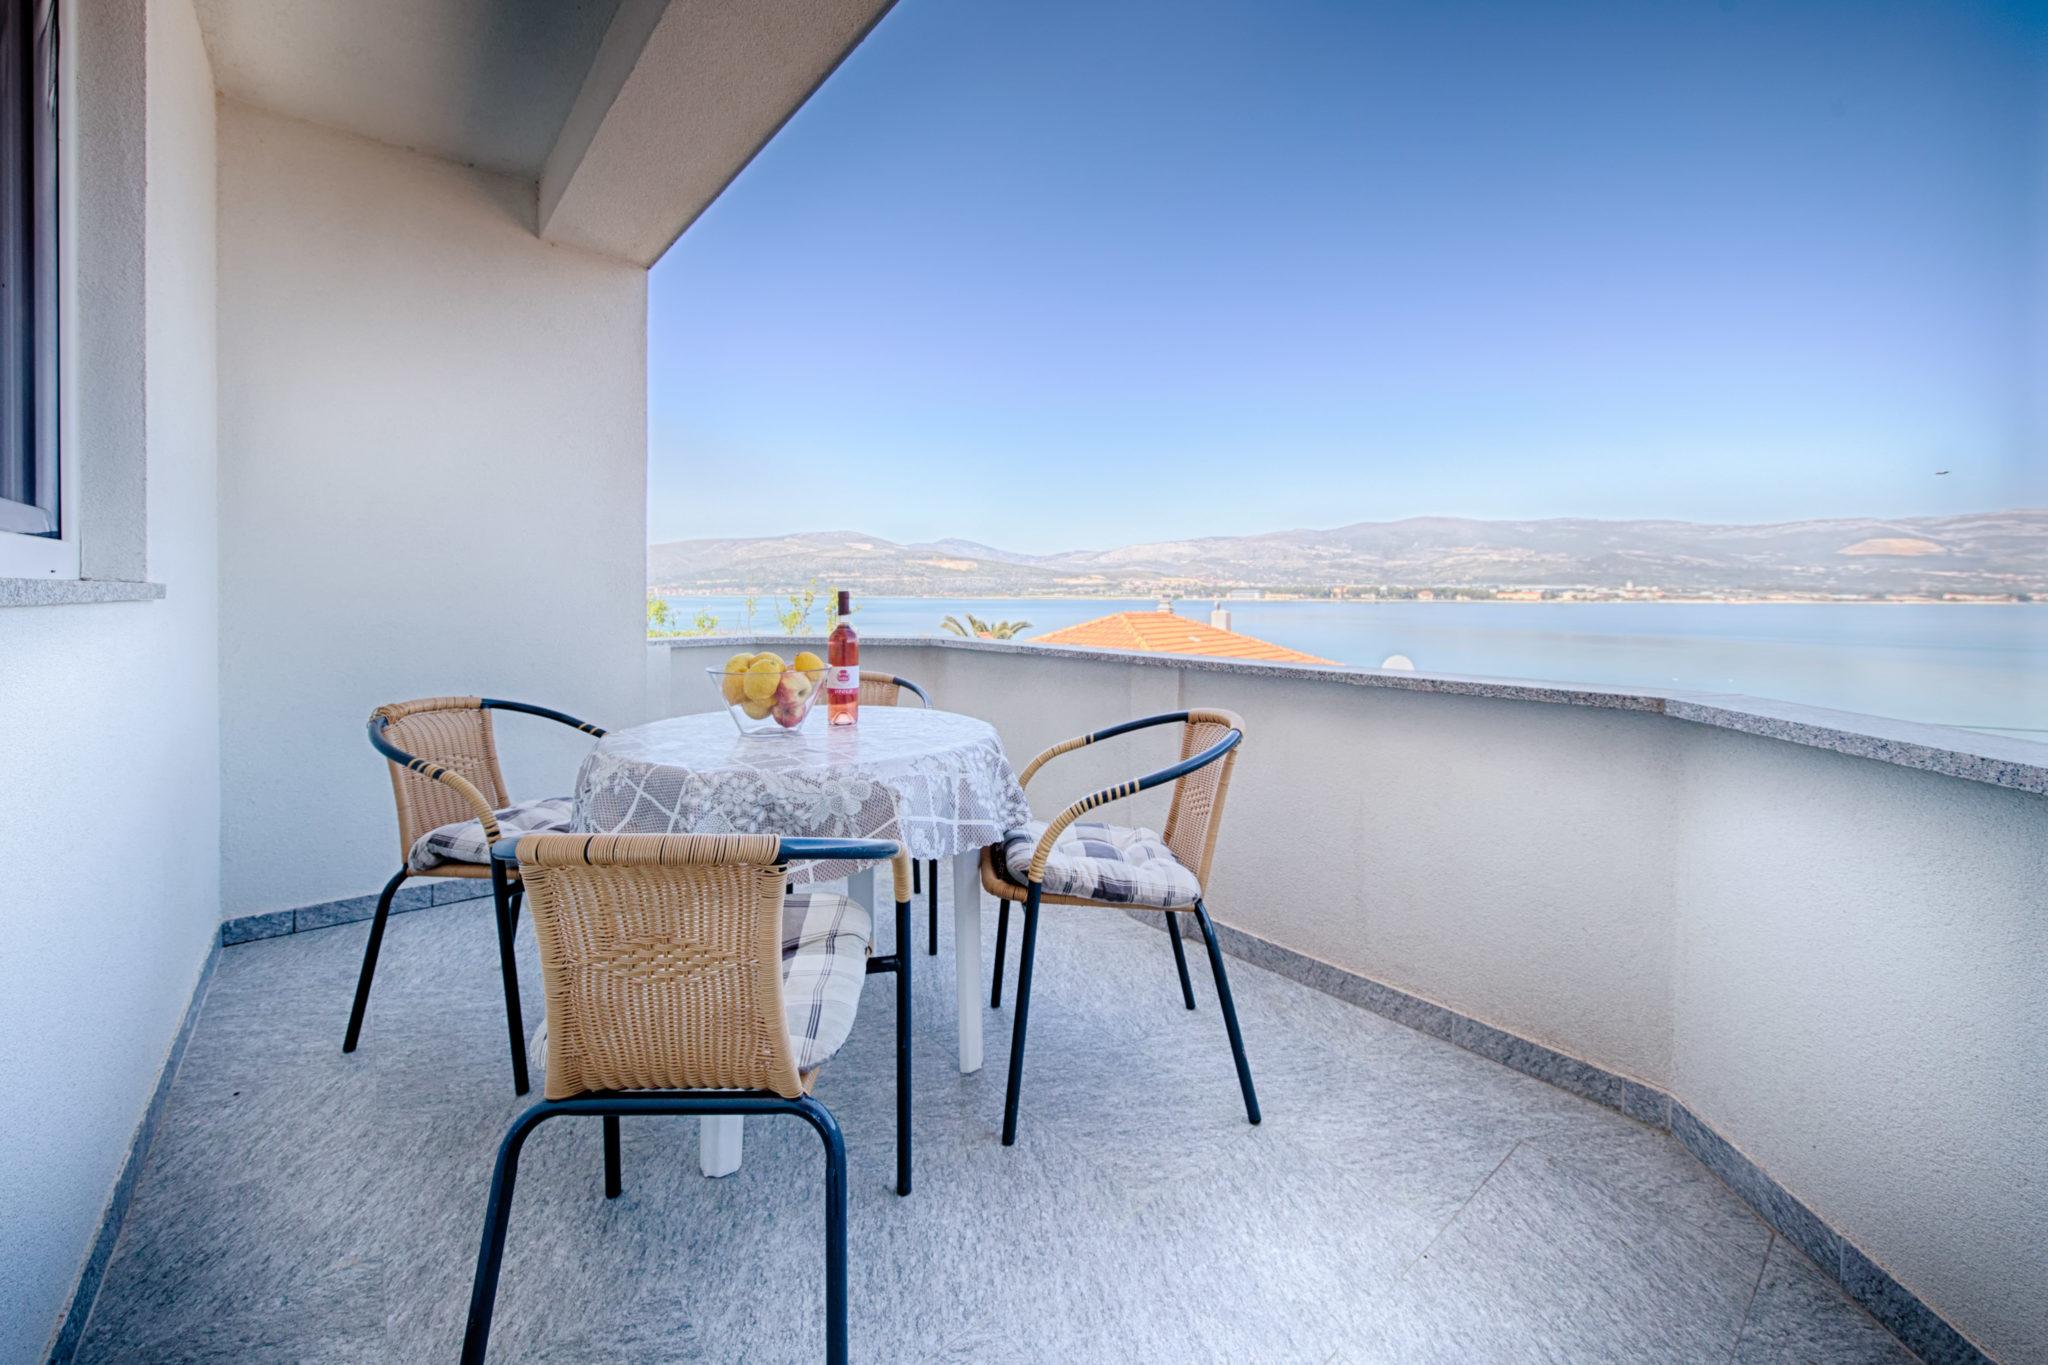 Kuća: Trogir, objekt 6 apartmana 500m2 + građ.zemljište 1072 m2 (prodaja)